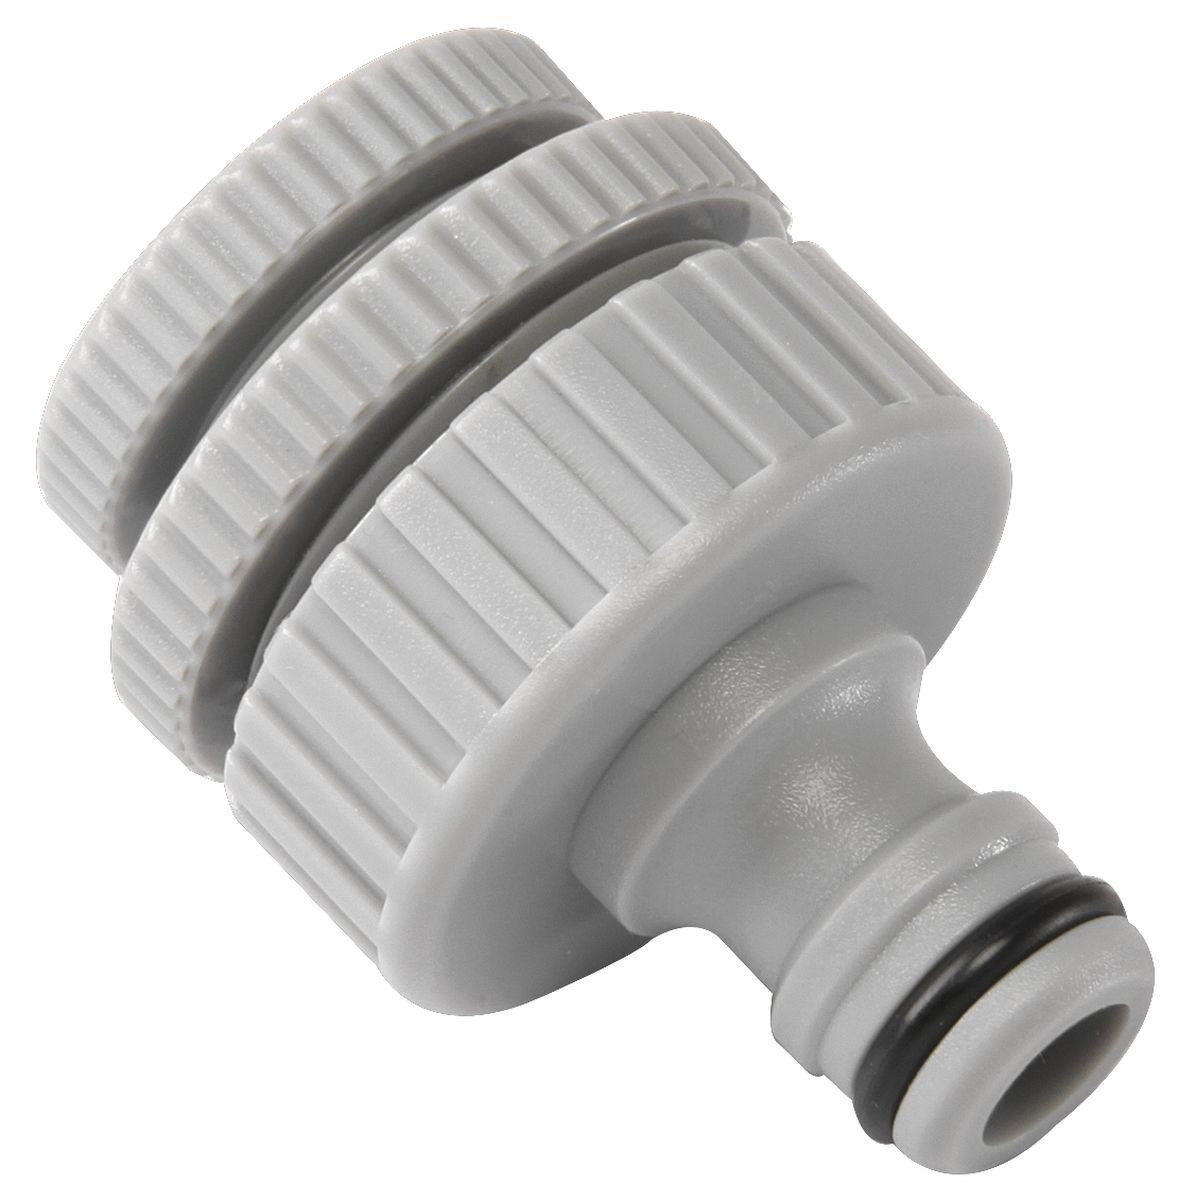 Штуцер резьбовой Green Apple, с переходниками, диаметр 12 мм - 19 мм - 25 ммGWRS12-046Резьбовой штуцер Green Apple изготовлен из высококачественного прочного ABS-пластика. Штуцер предназначен для соединения шлангов и насадок с кранами, имеющими внешнюю резьбу. В комплекте - 2 переходника разного диаметра. Диаметр: 1/2, 3/4, 1.